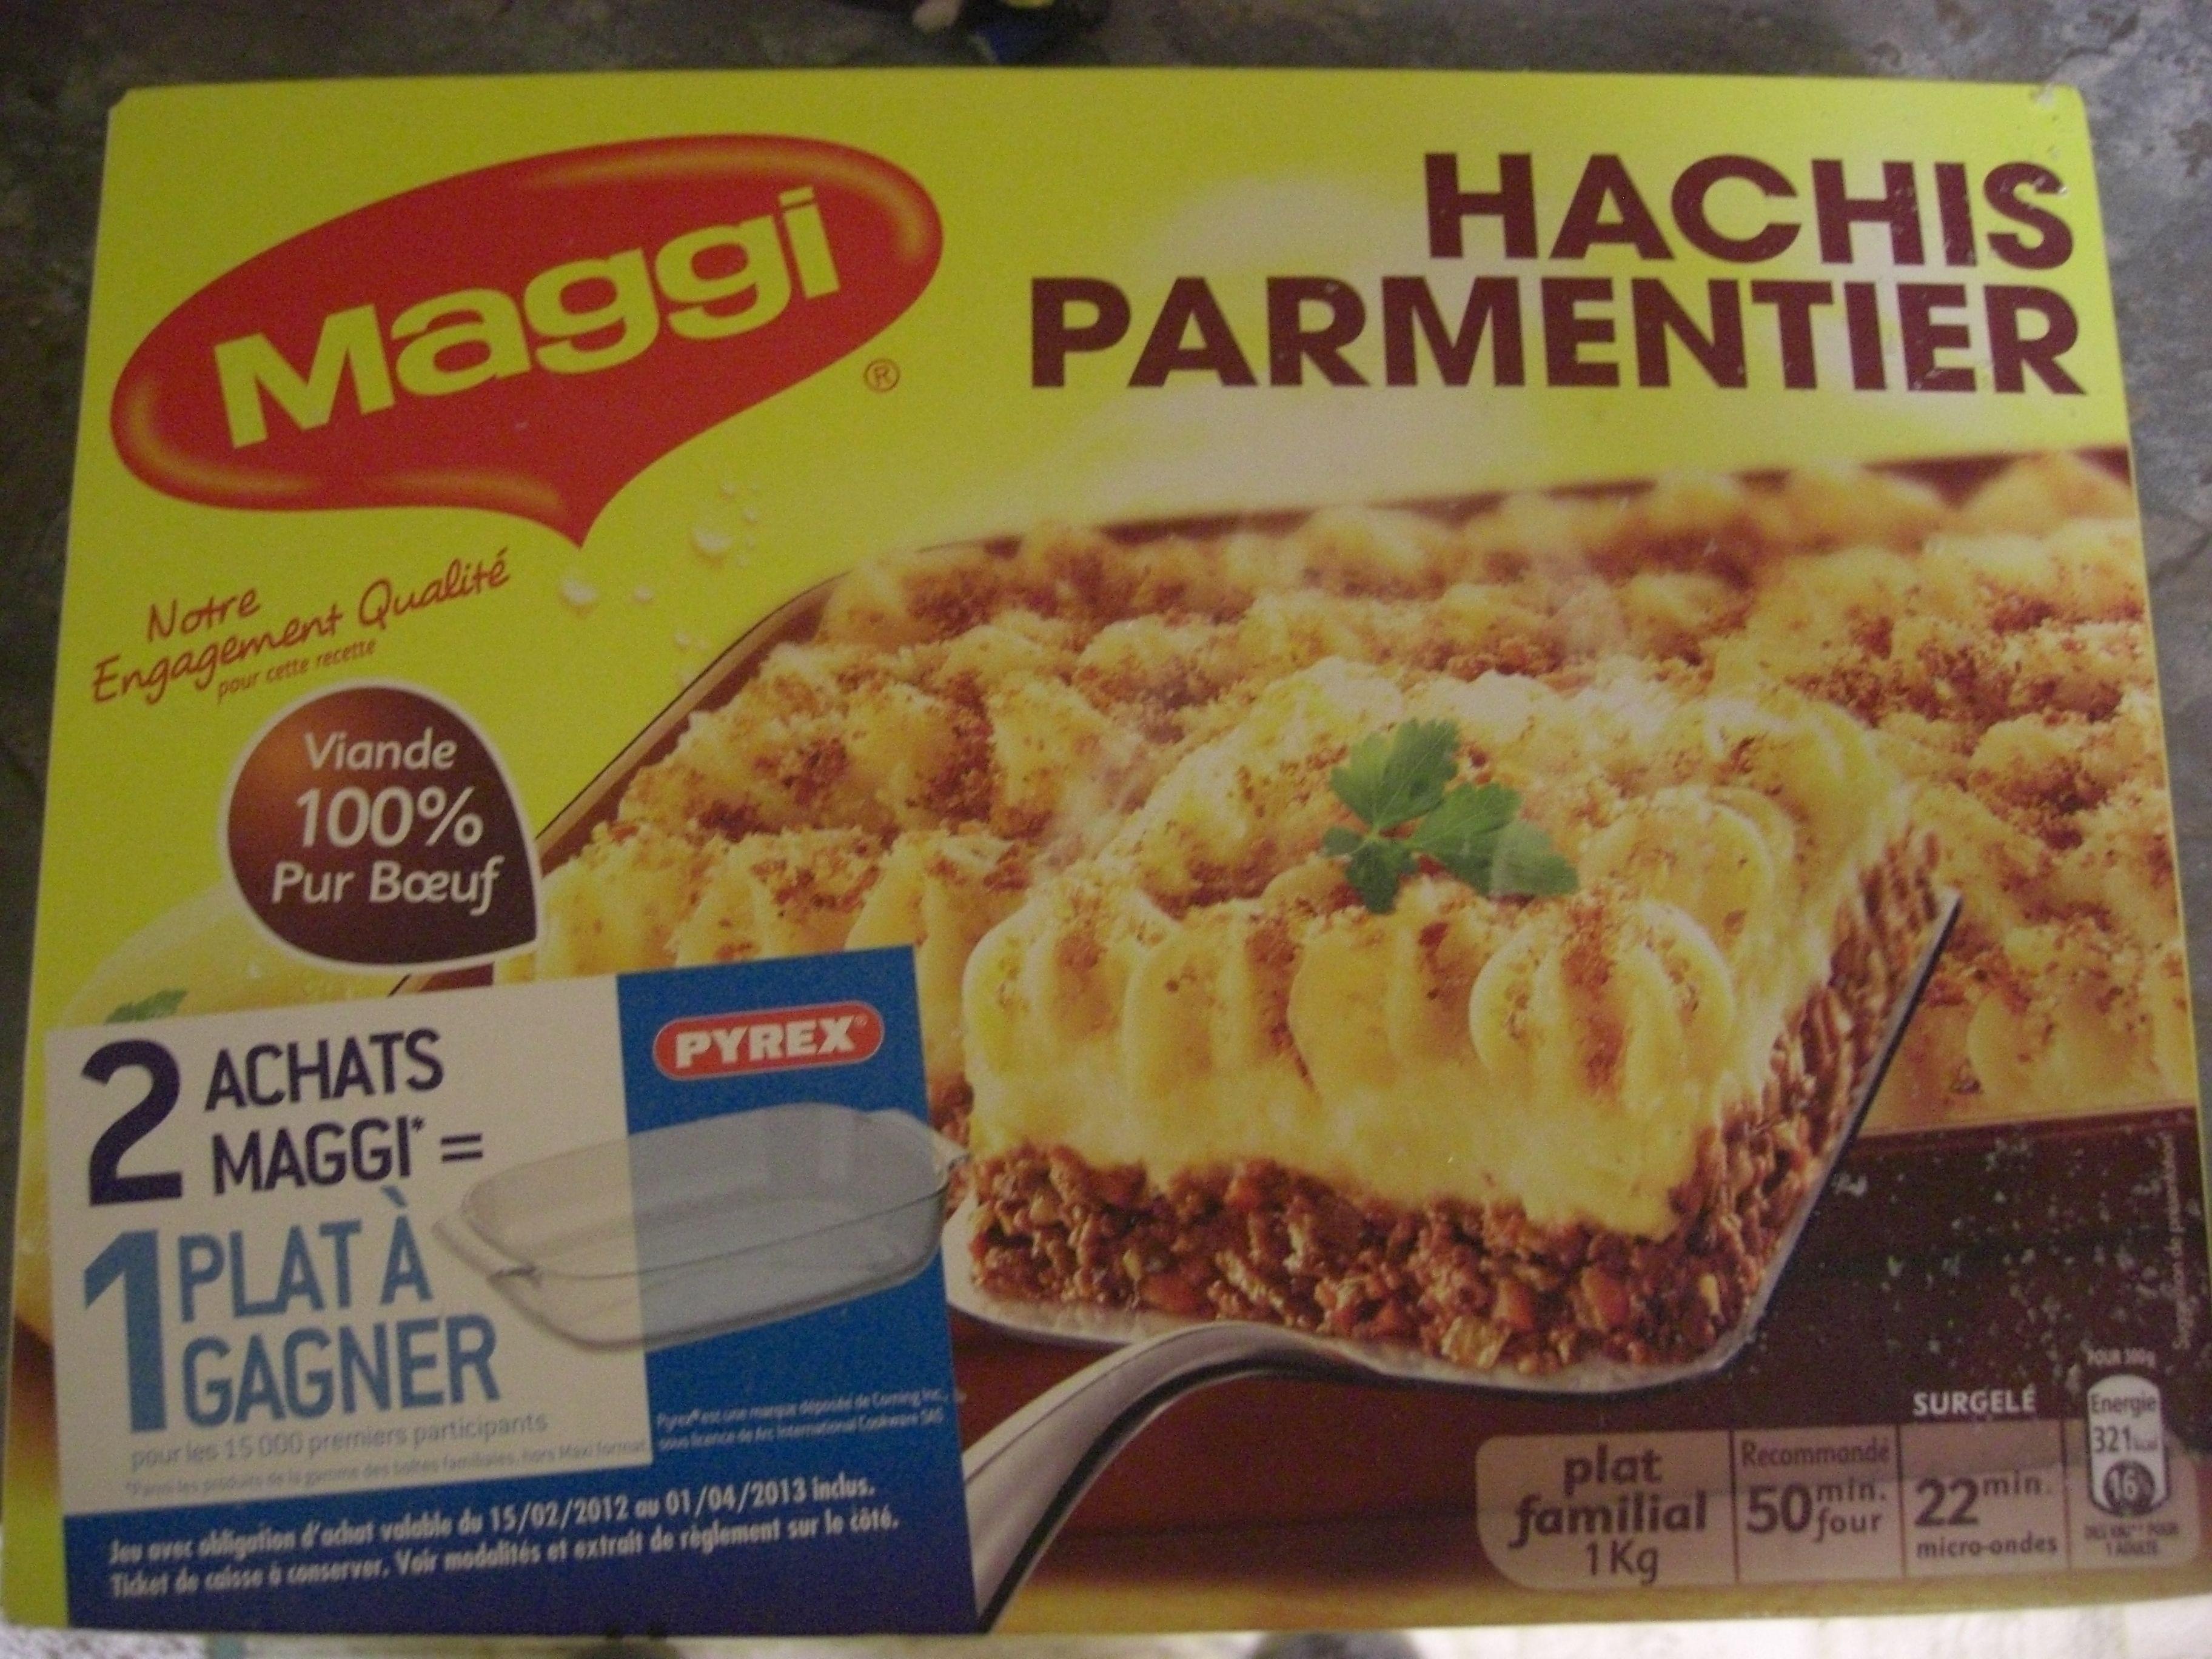 Hachis Parmentier - 1 kg - Maggi - Produit - fr